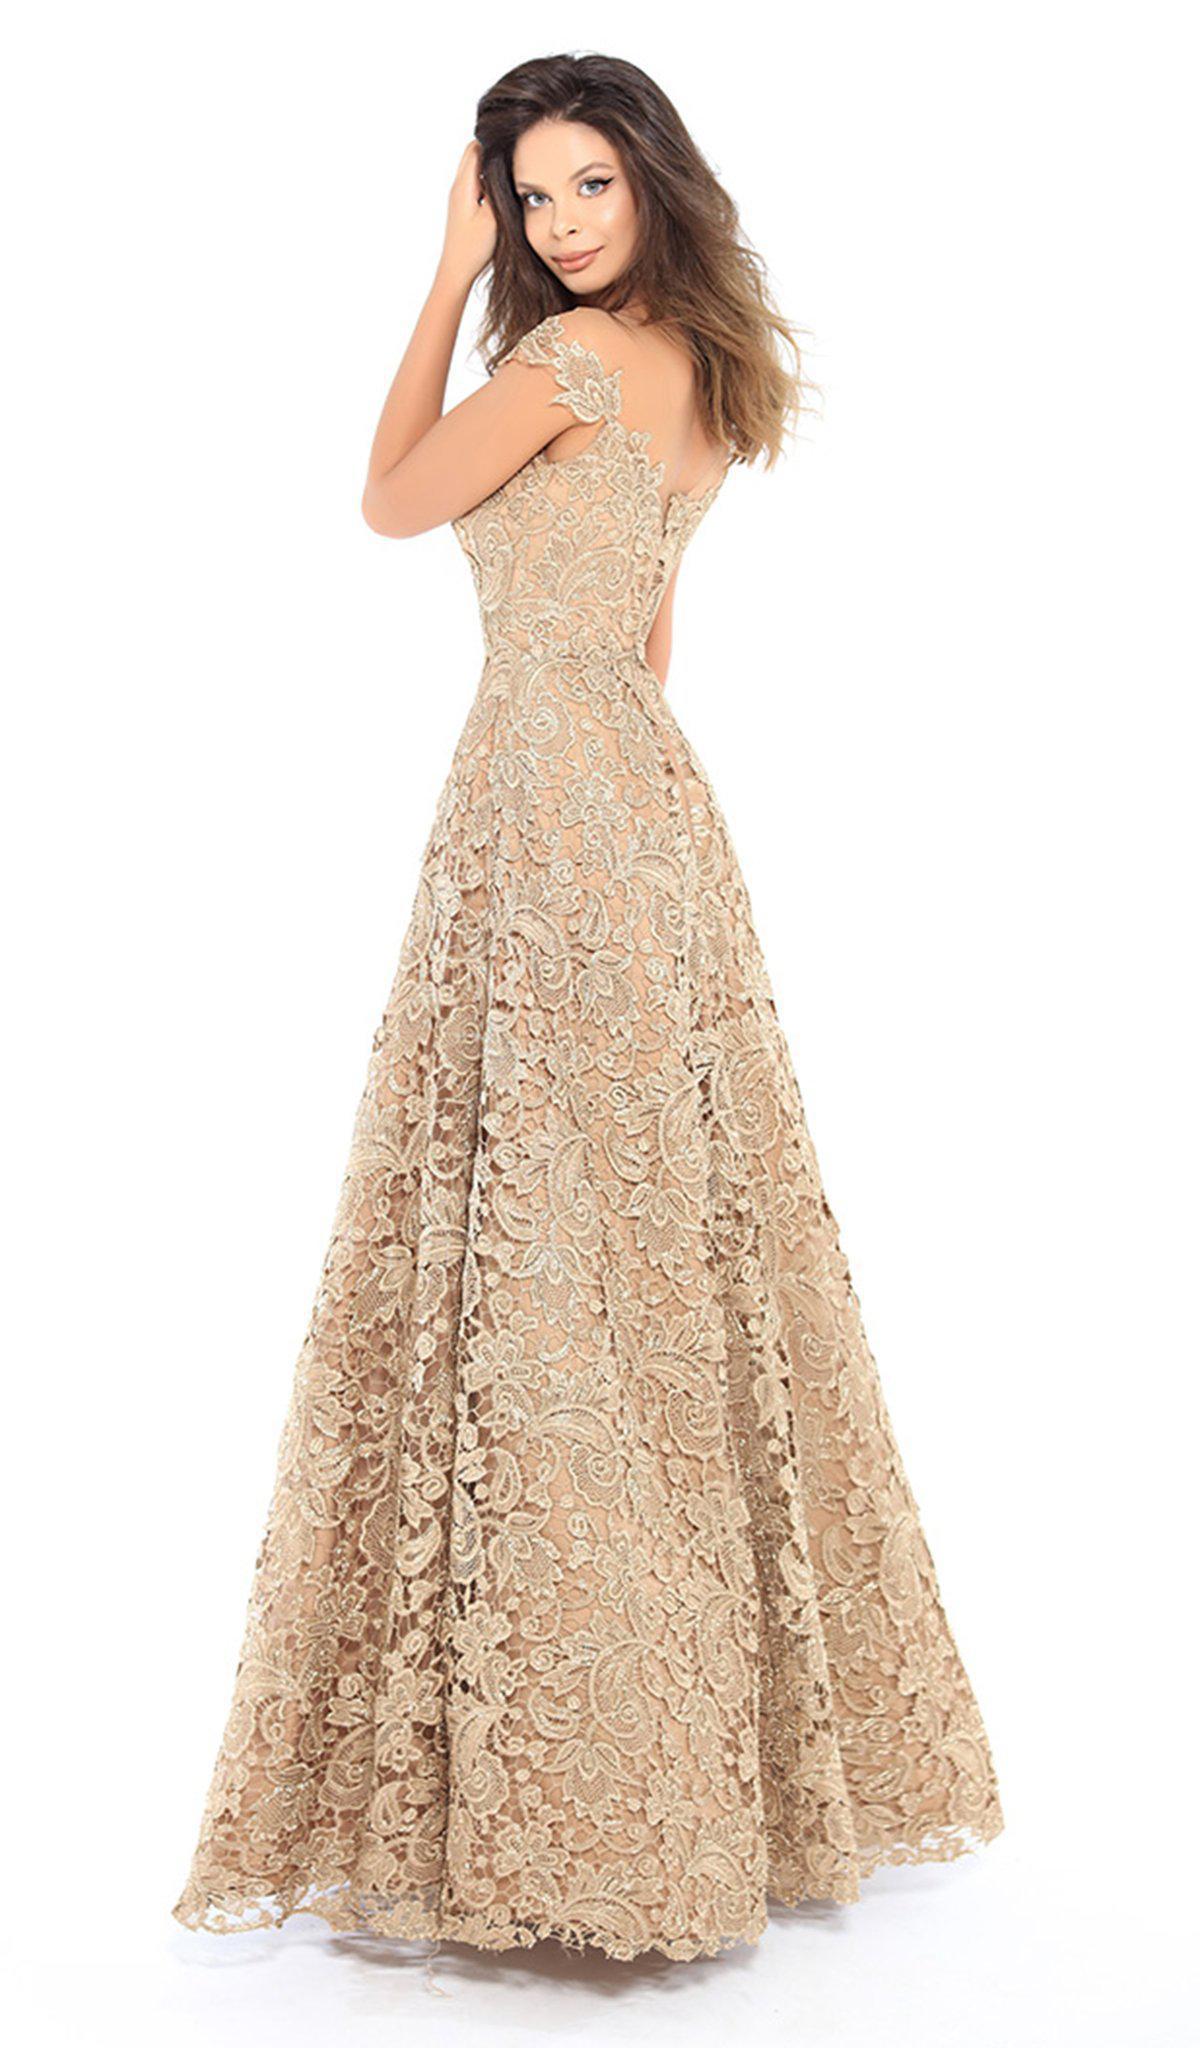 6d9f885996c Lyst - Tarik Ediz 93739 Floral Lace Illusion Neck A-line Dress in ...